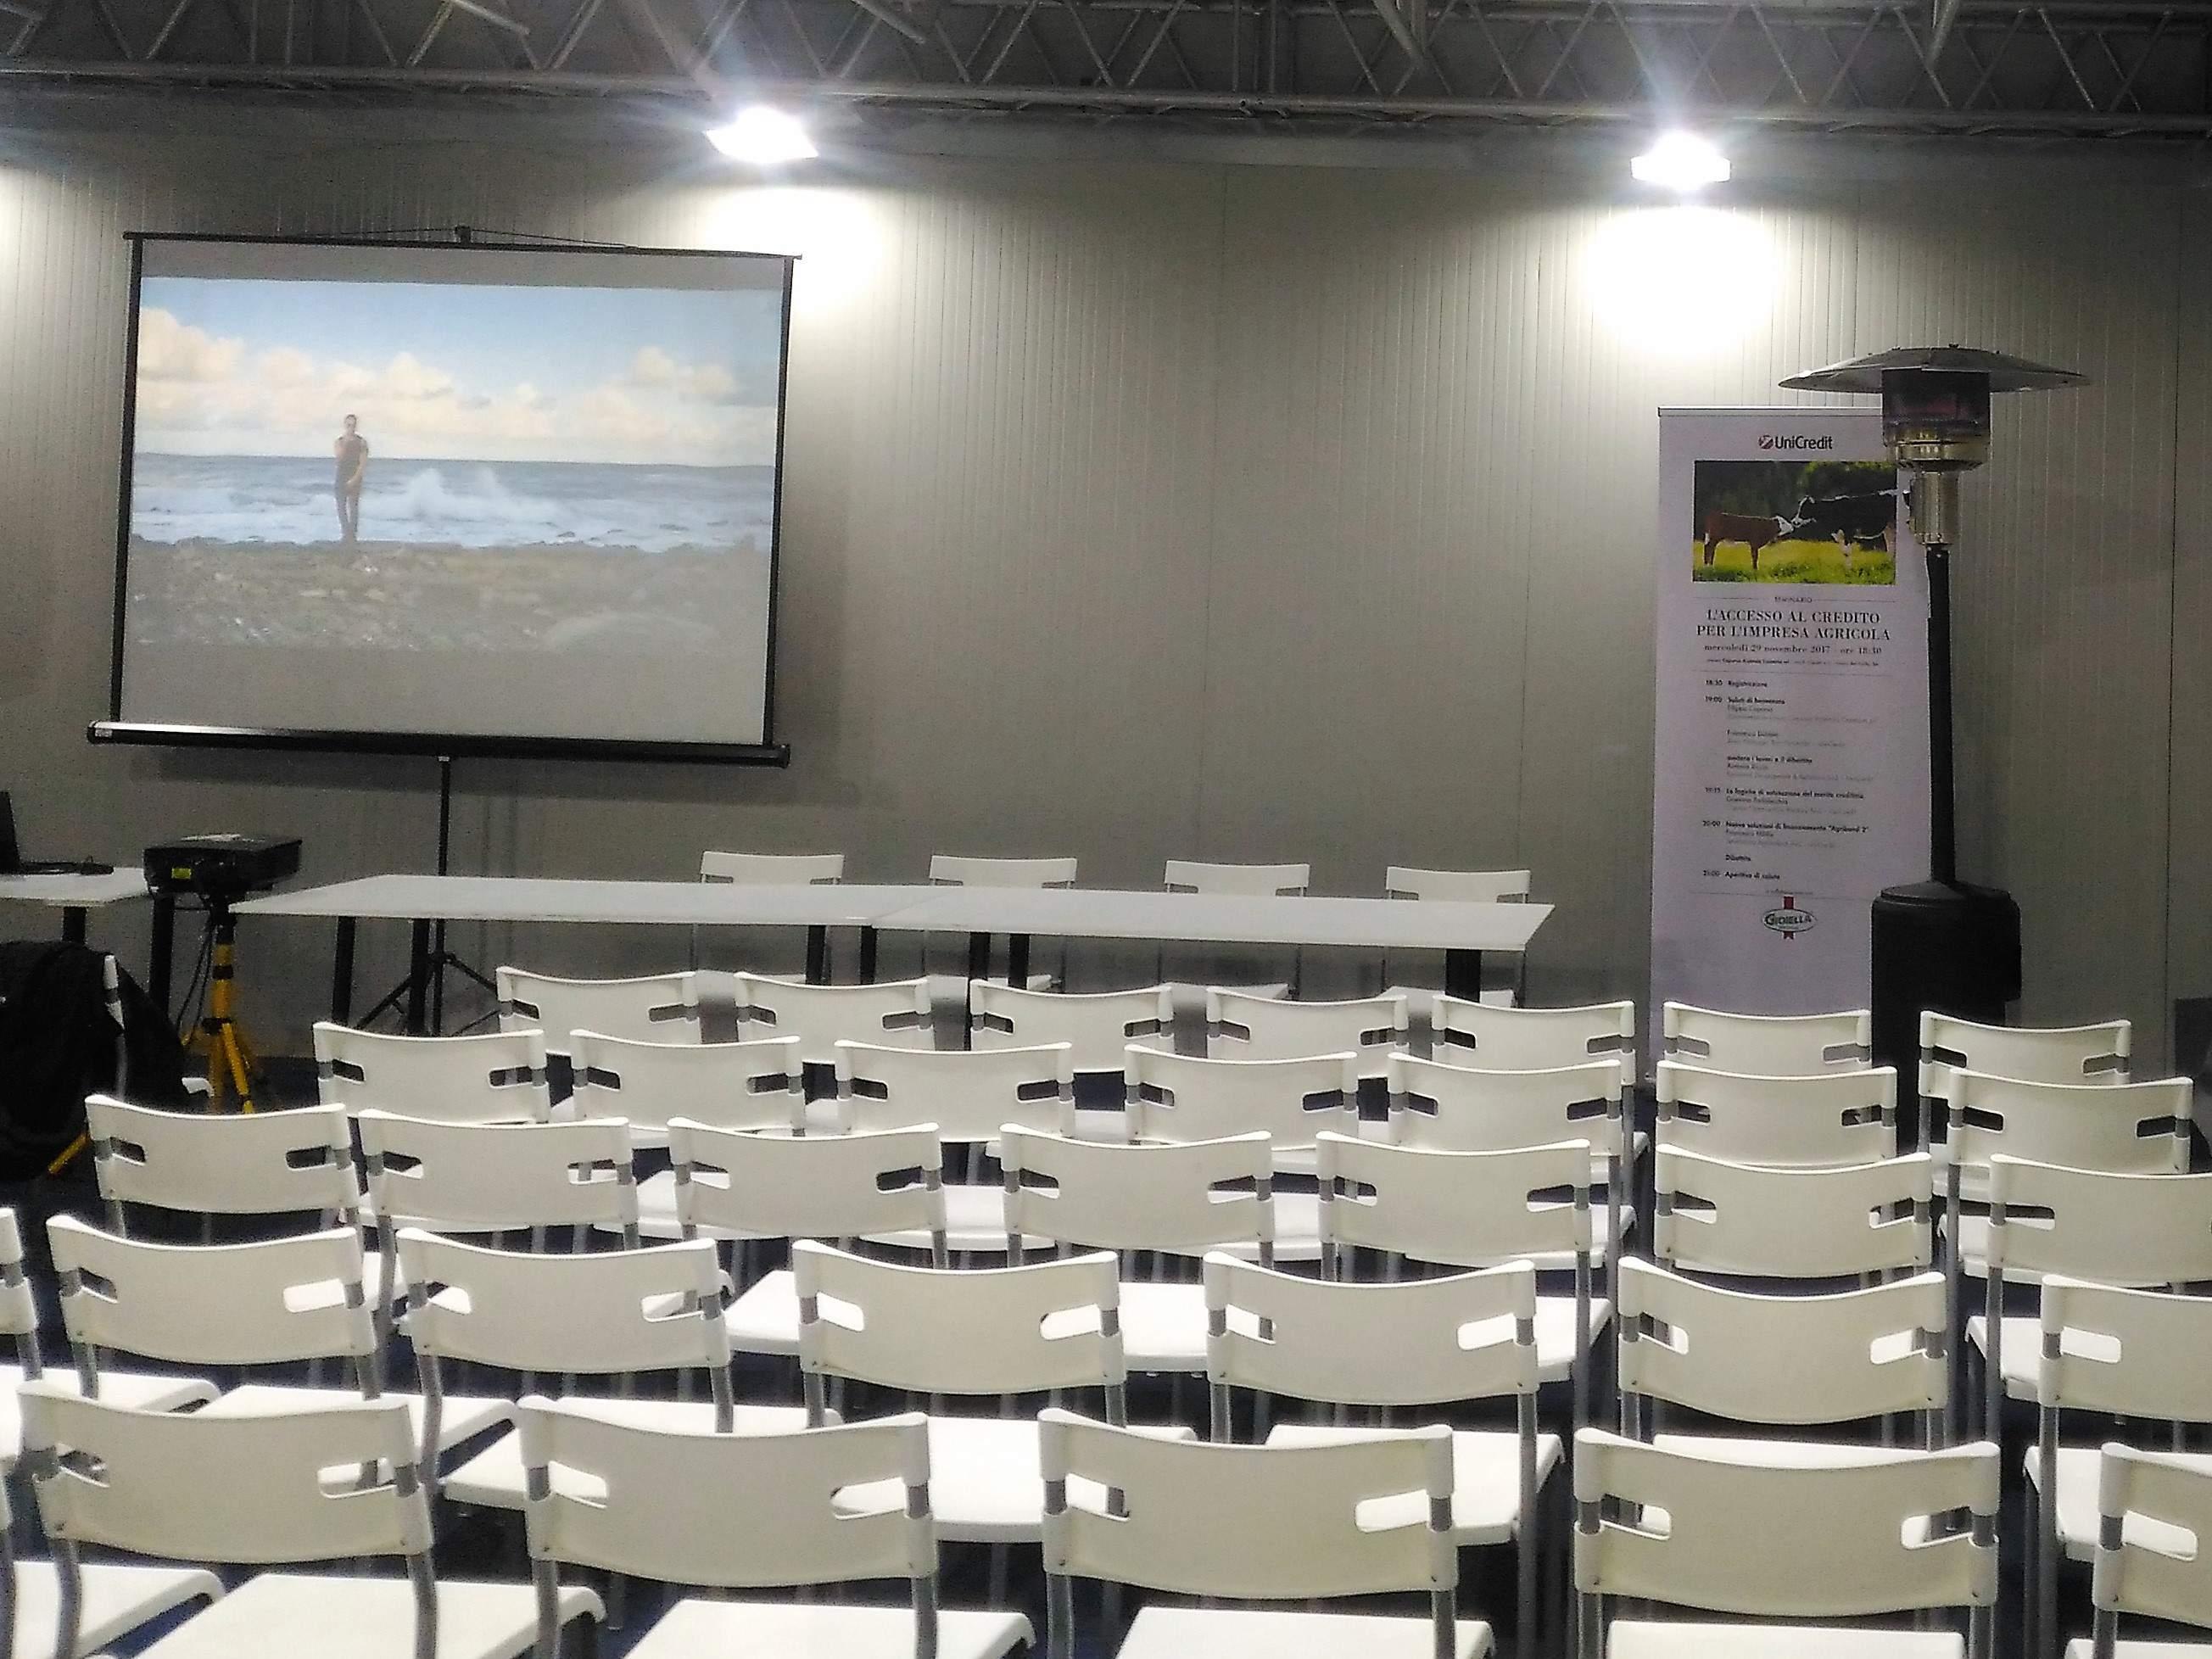 Noleggio sedie per eventi for Arredo service sas foggia